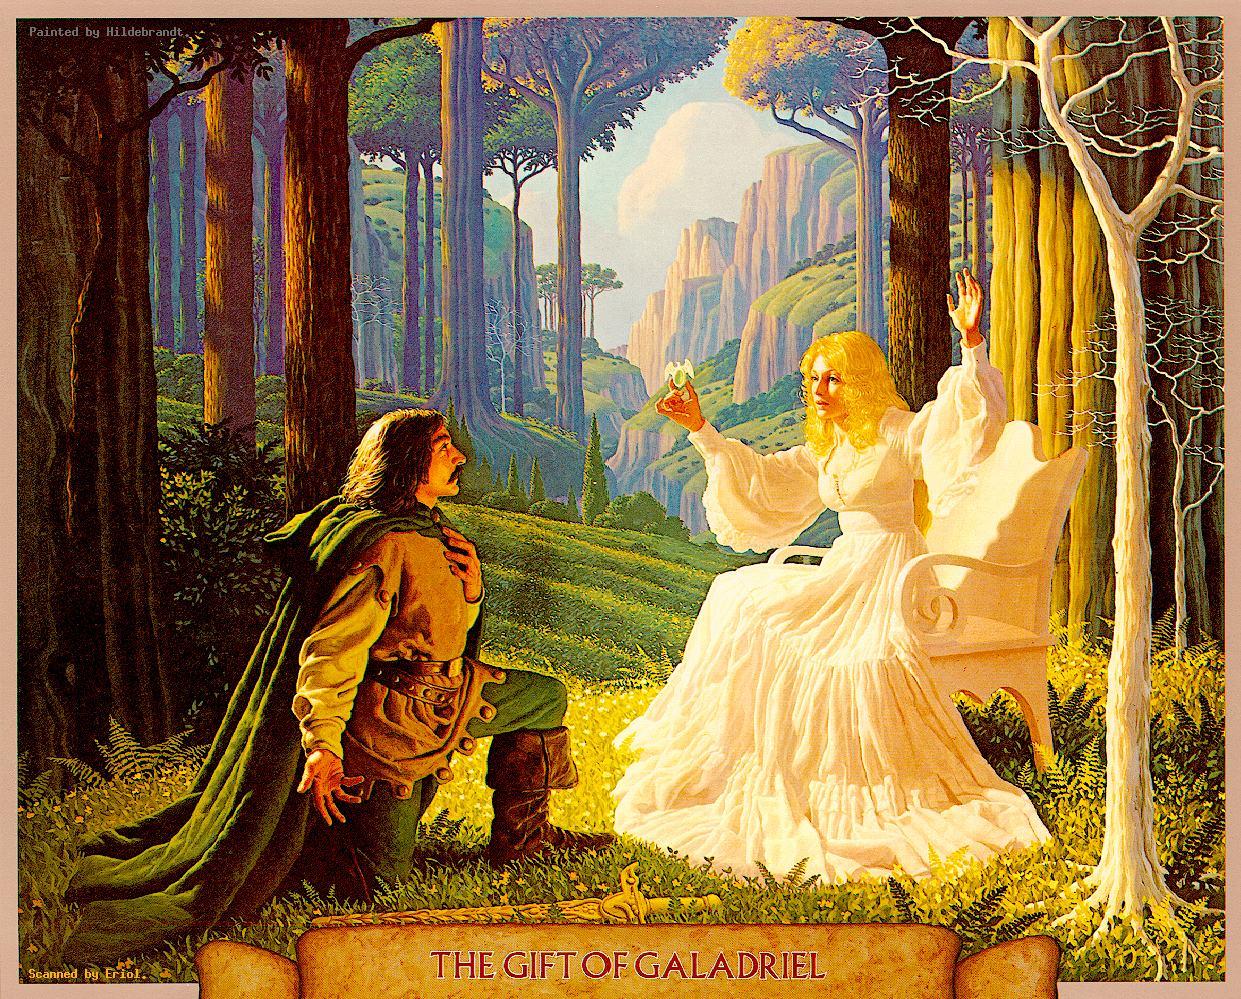 #VisibilizacionEnLaFiccion El personaje del que hablaré hoy es Galadriel, elfa noldo en la obra de #Tolkien Mujer poderosa, y muy fascinante https://t.co/gysnno5oFu